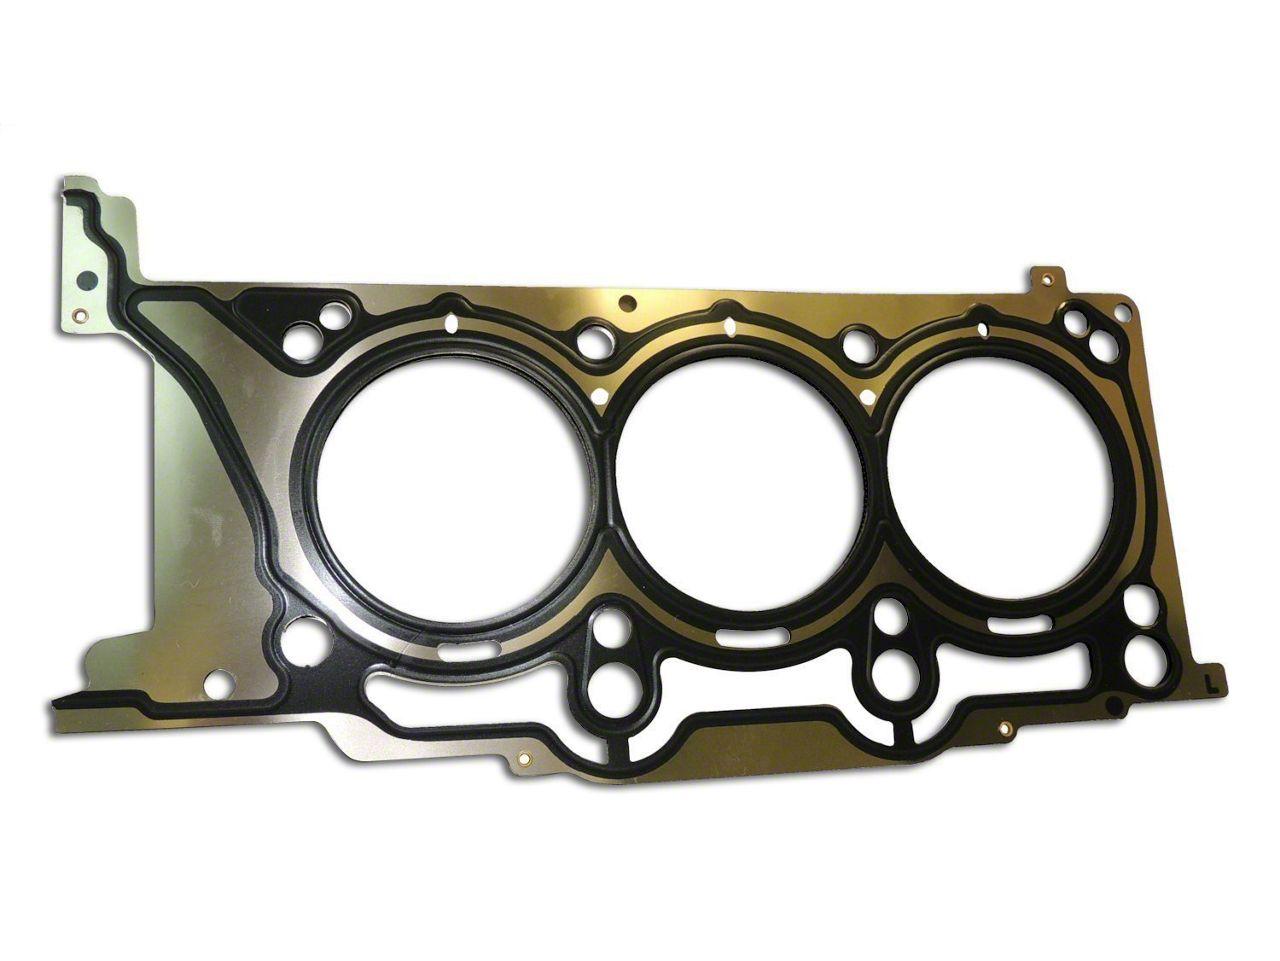 Cylinder Head Gasket (12-18 3.6L Jeep Wrangler JK)